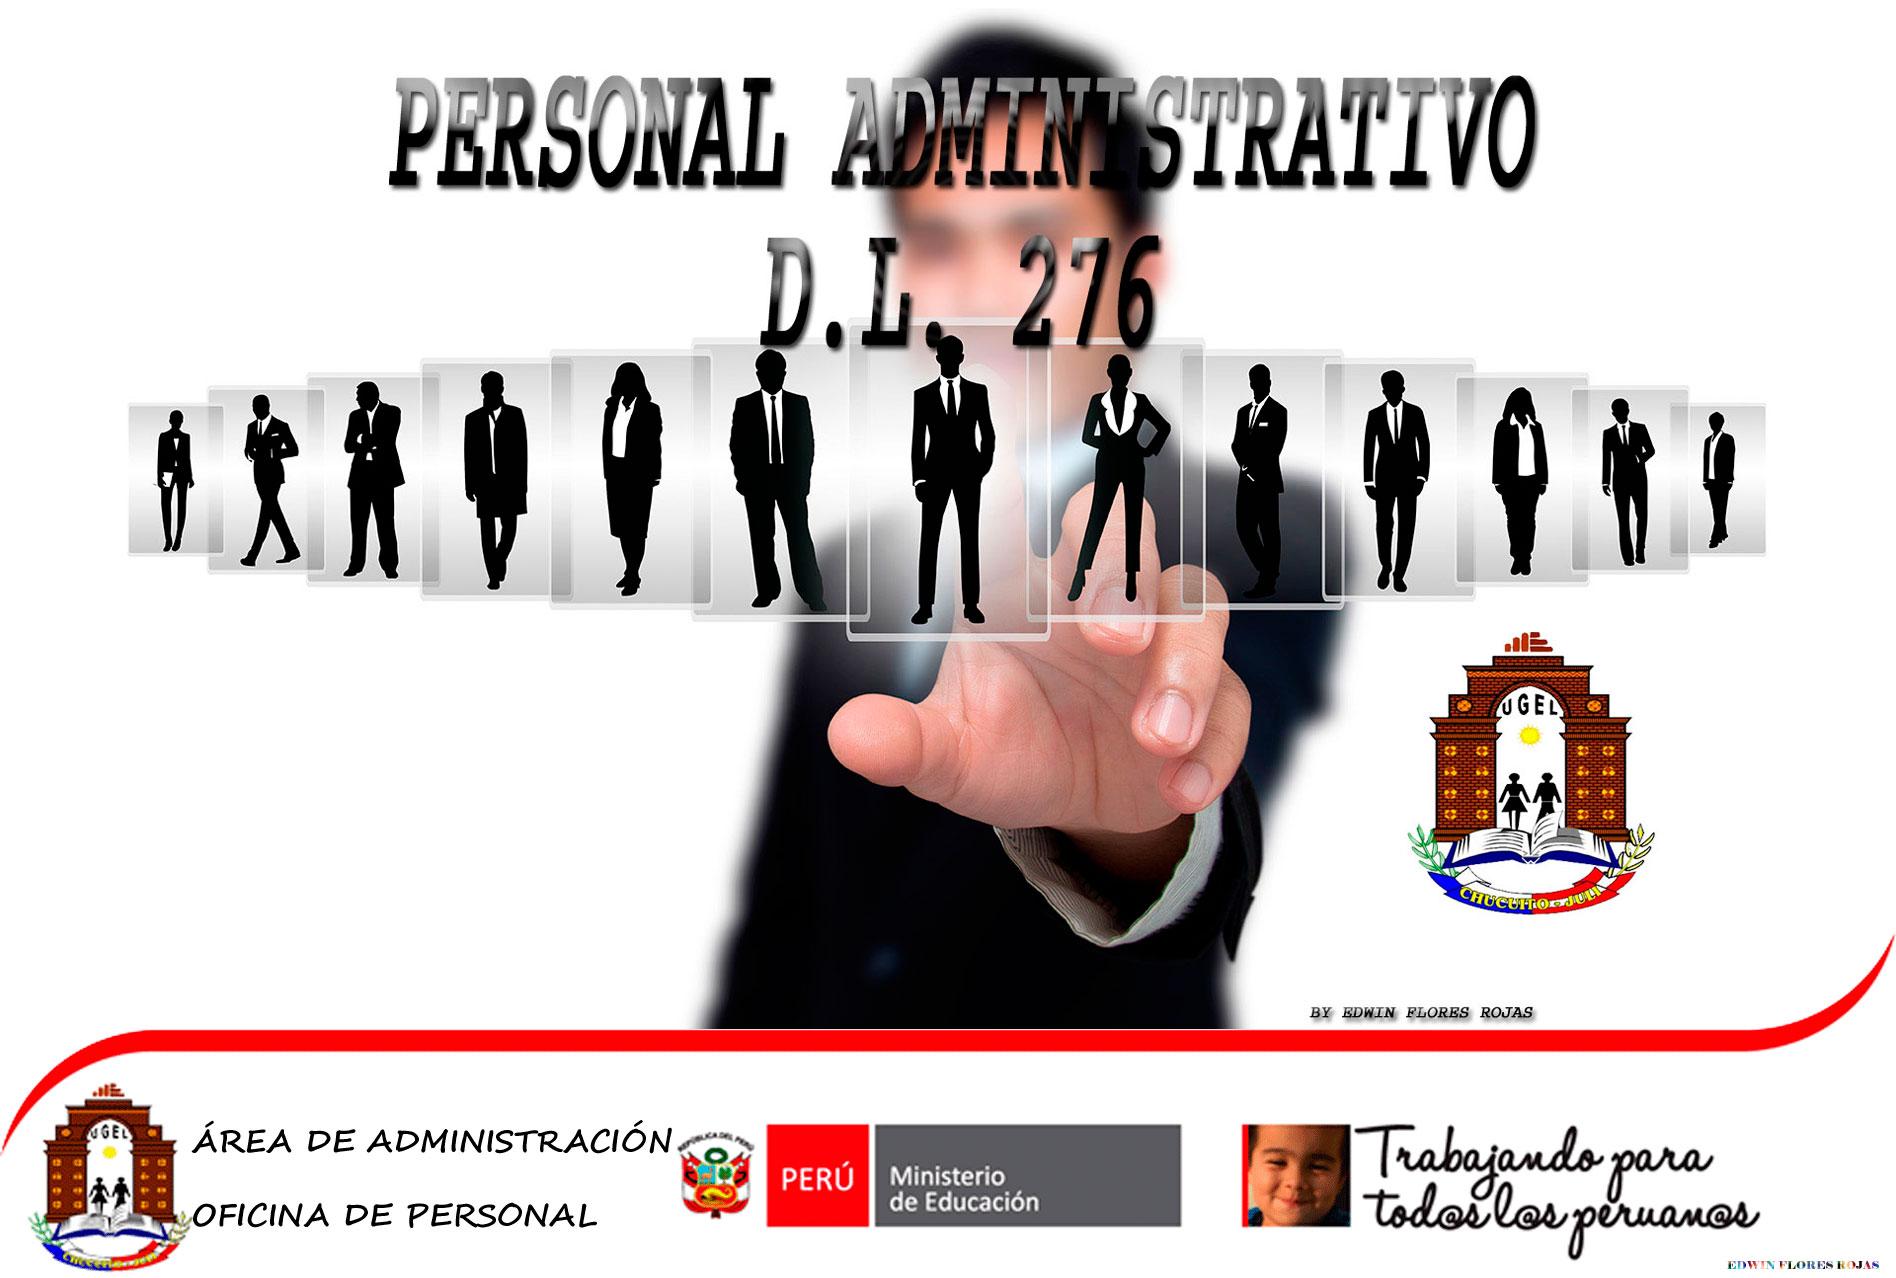 RESULTADOS PRELIMINARES DEL PROCESO DE NOMBRAMIENTO PERSONAL ADMINISTRATIVO UGEL CHUCUITO 2019